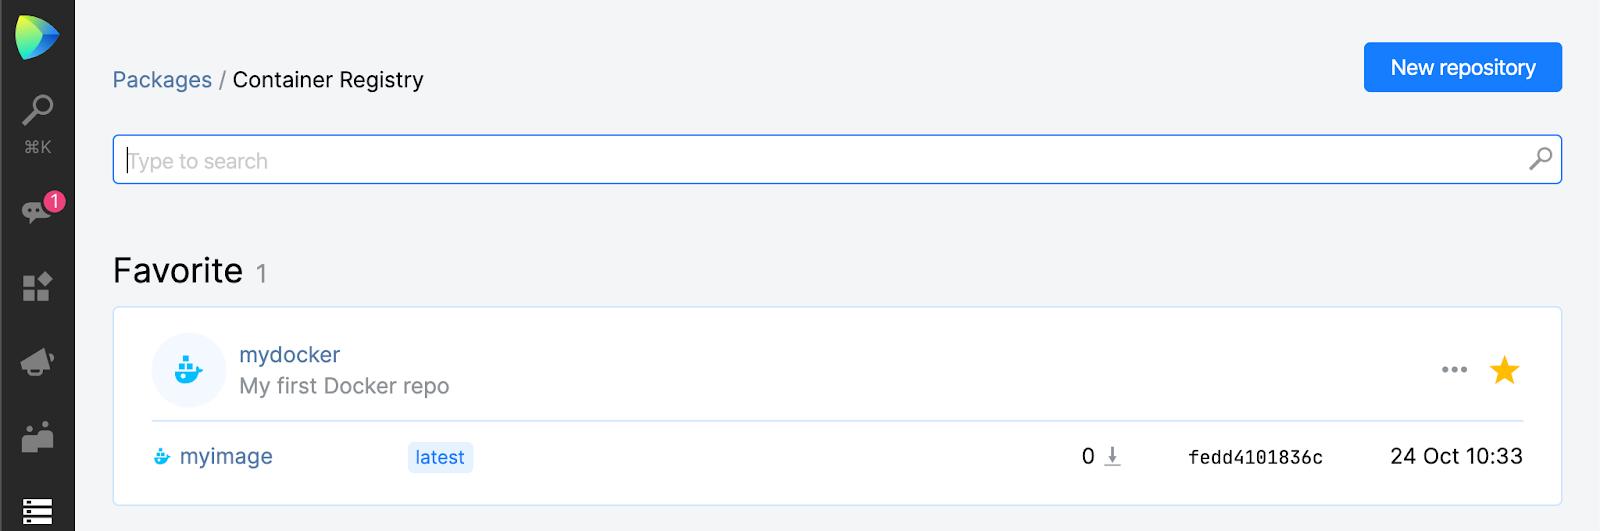 Space Packages. Explore Docker registry